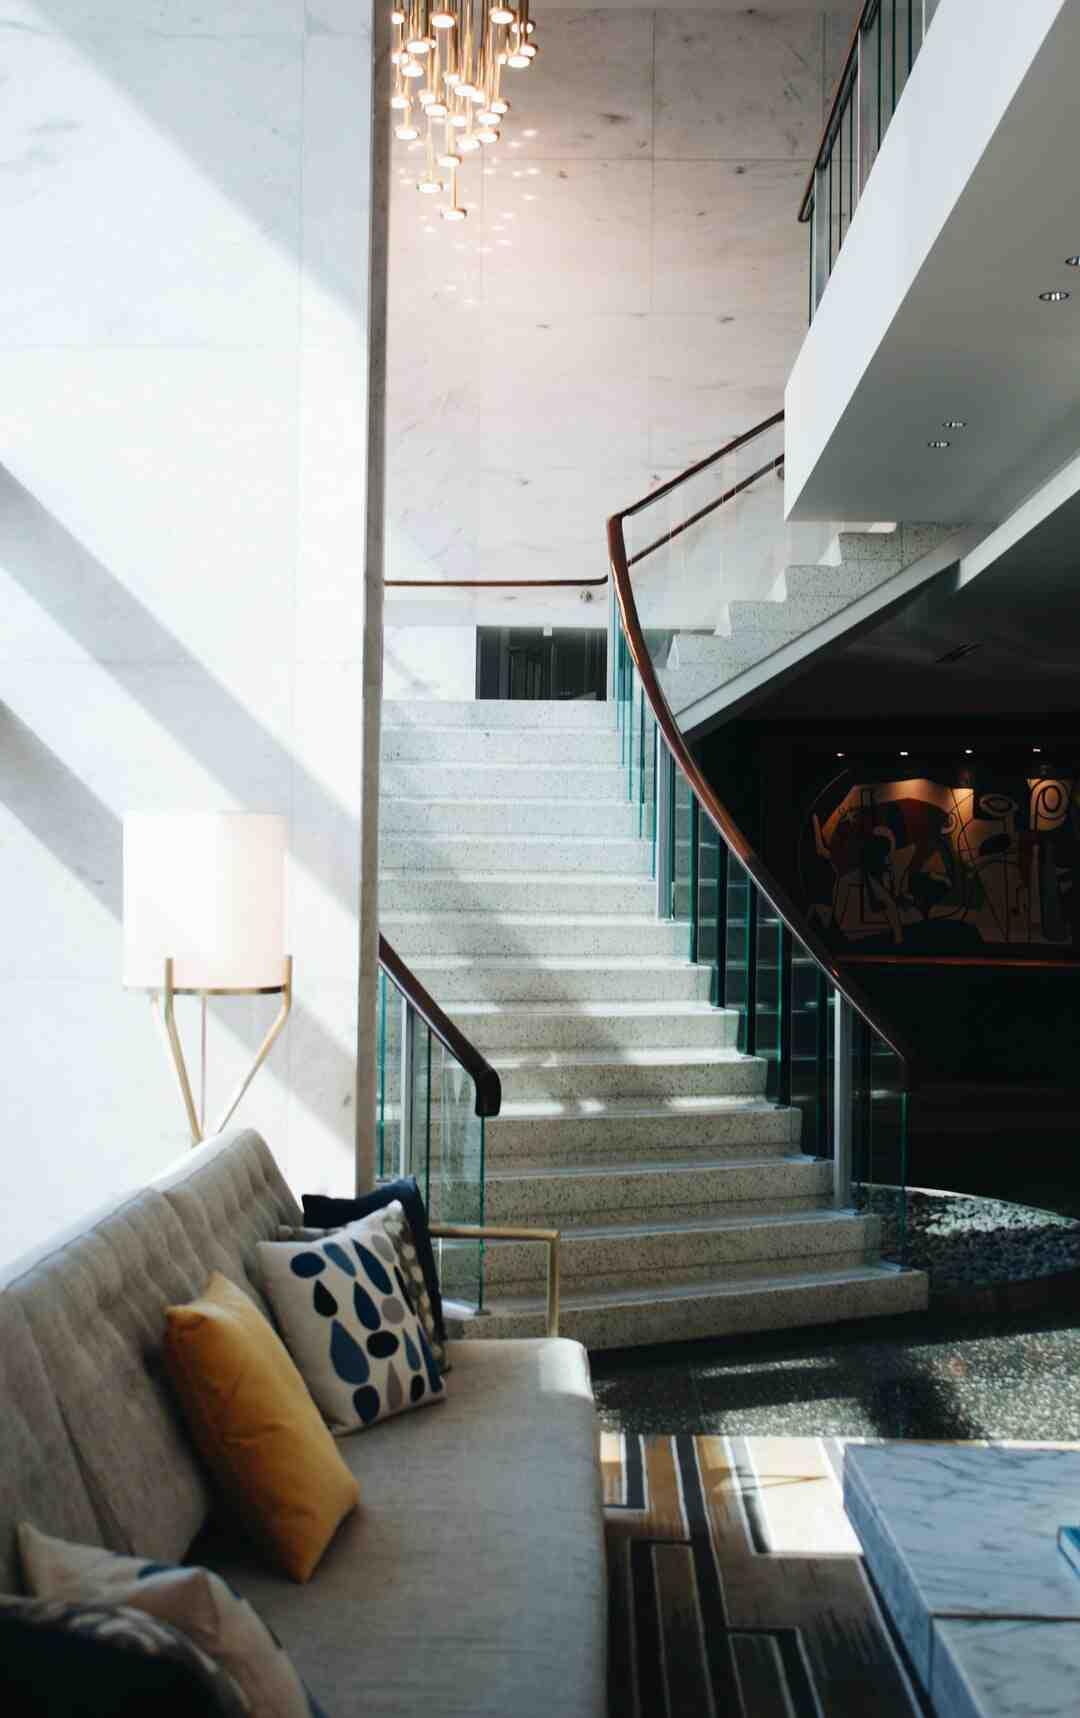 Réservation Istanbul pour vos vacances : Vols, Hotel, Prix, Location